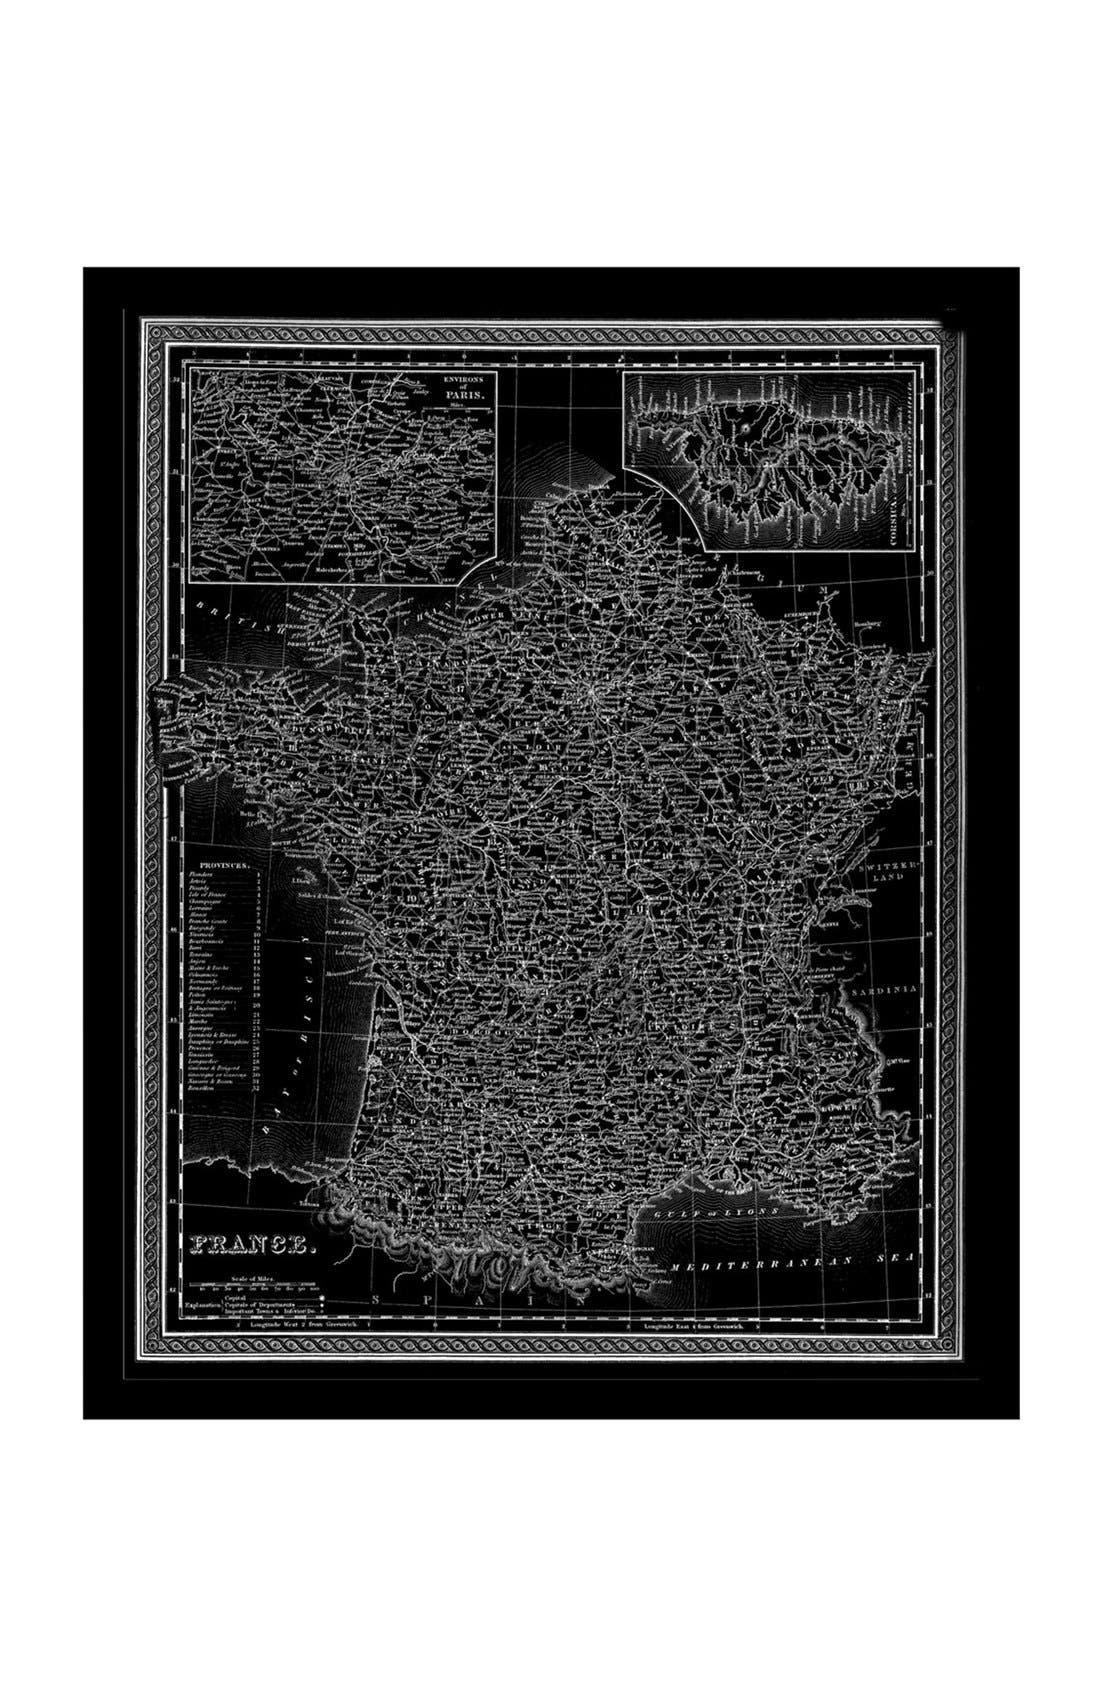 Alternate Image 1 Selected - Oliver Gal 'France Map 1849' Framed Art Print